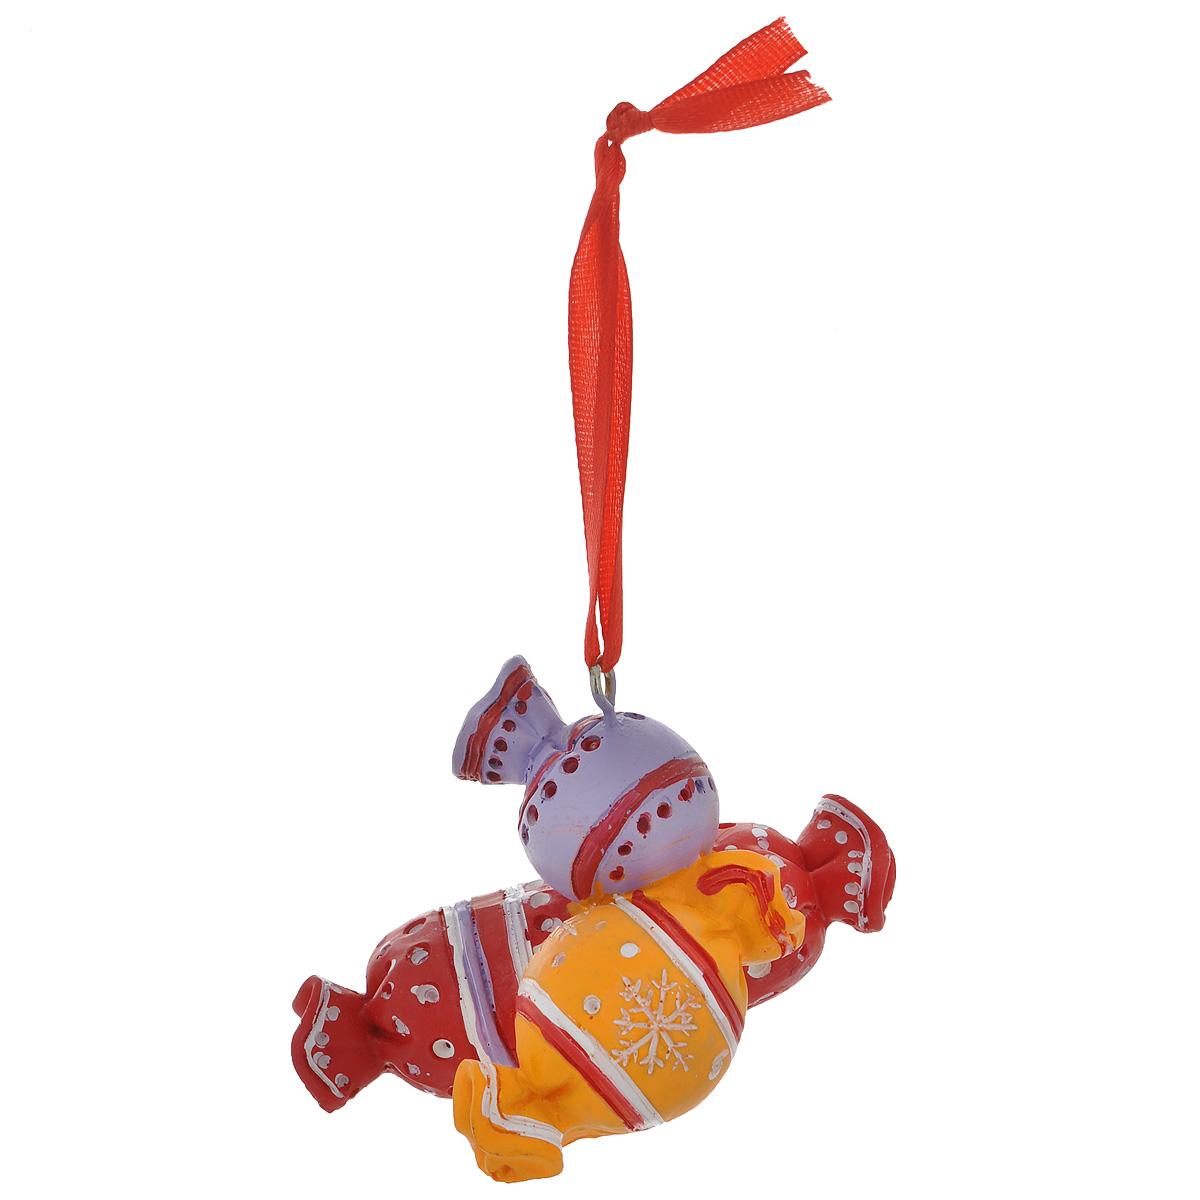 Новогоднее подвесное украшение Конфеты. 3457434574Оригинальное новогоднее украшение из пластика прекрасно подойдет для праздничного декора дома и новогодней ели. Изделие крепится на елку с помощью металлического зажима.